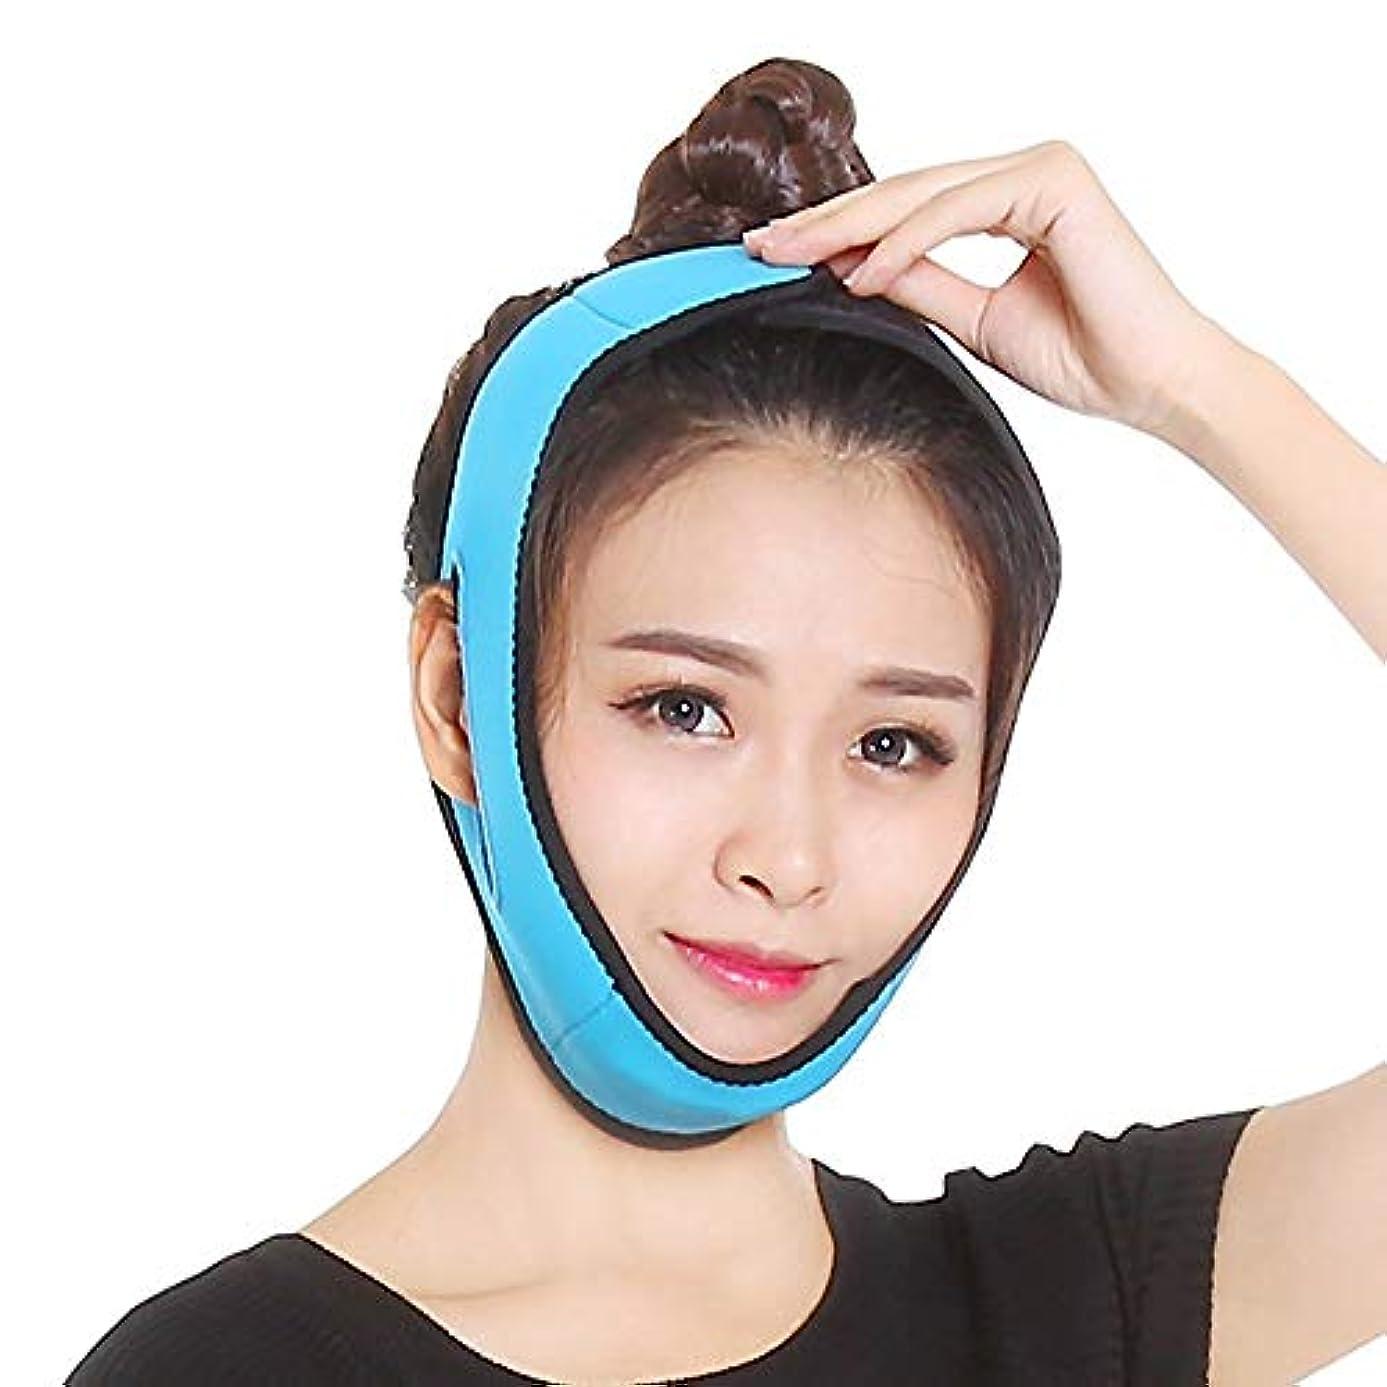 信じるうるさい毎月Minmin フェイシャルリフティングスリミングベルト - 薄いフェイス包帯二重あごデバイス無料フェイシャルマッサージ整形マスクを引き締める顔と首の顔スリム みんみんVラインフェイスマスク